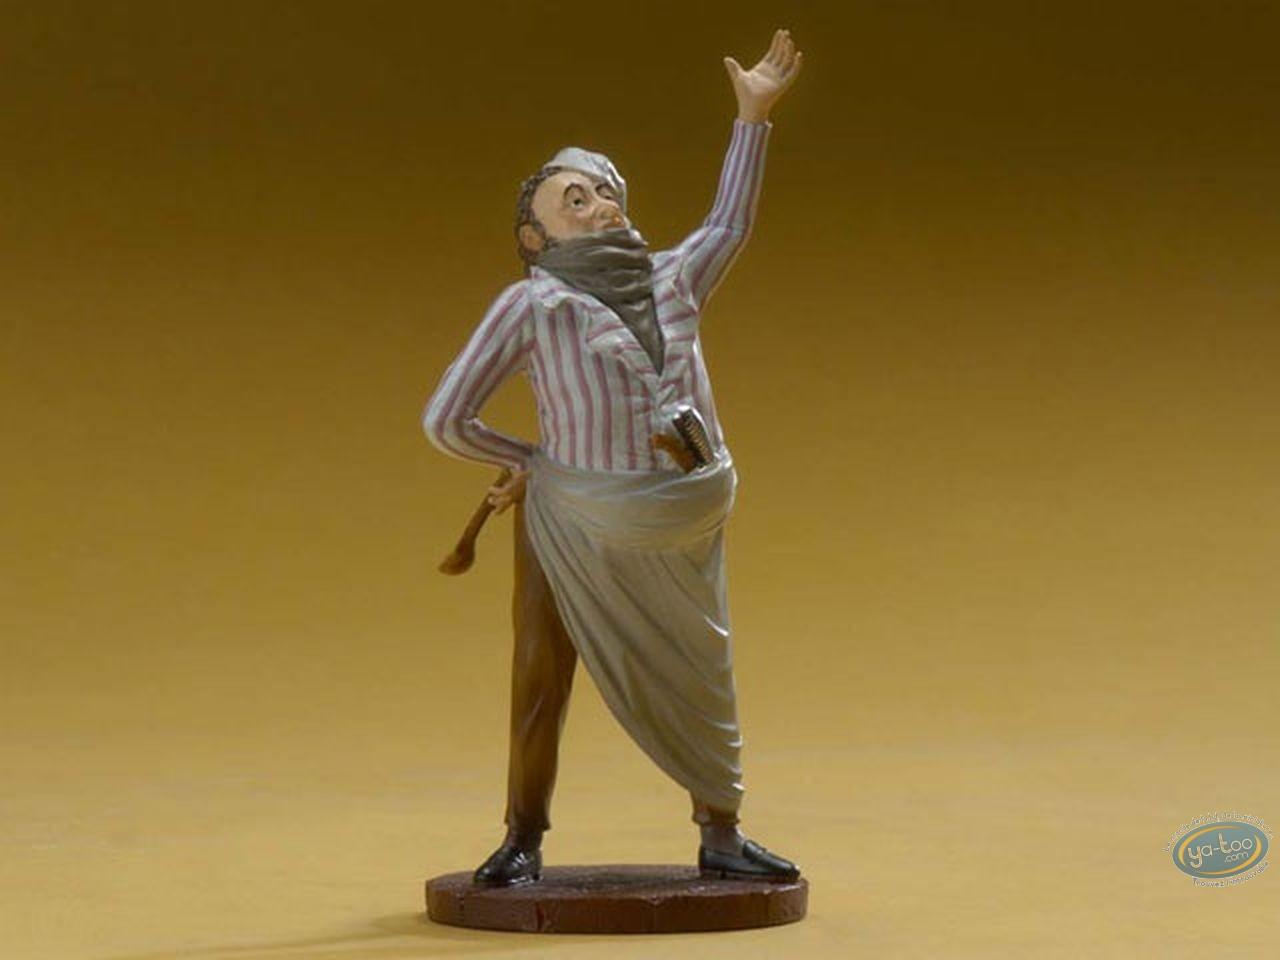 Resin Statuette, Tableaux en 3D : Proprietor